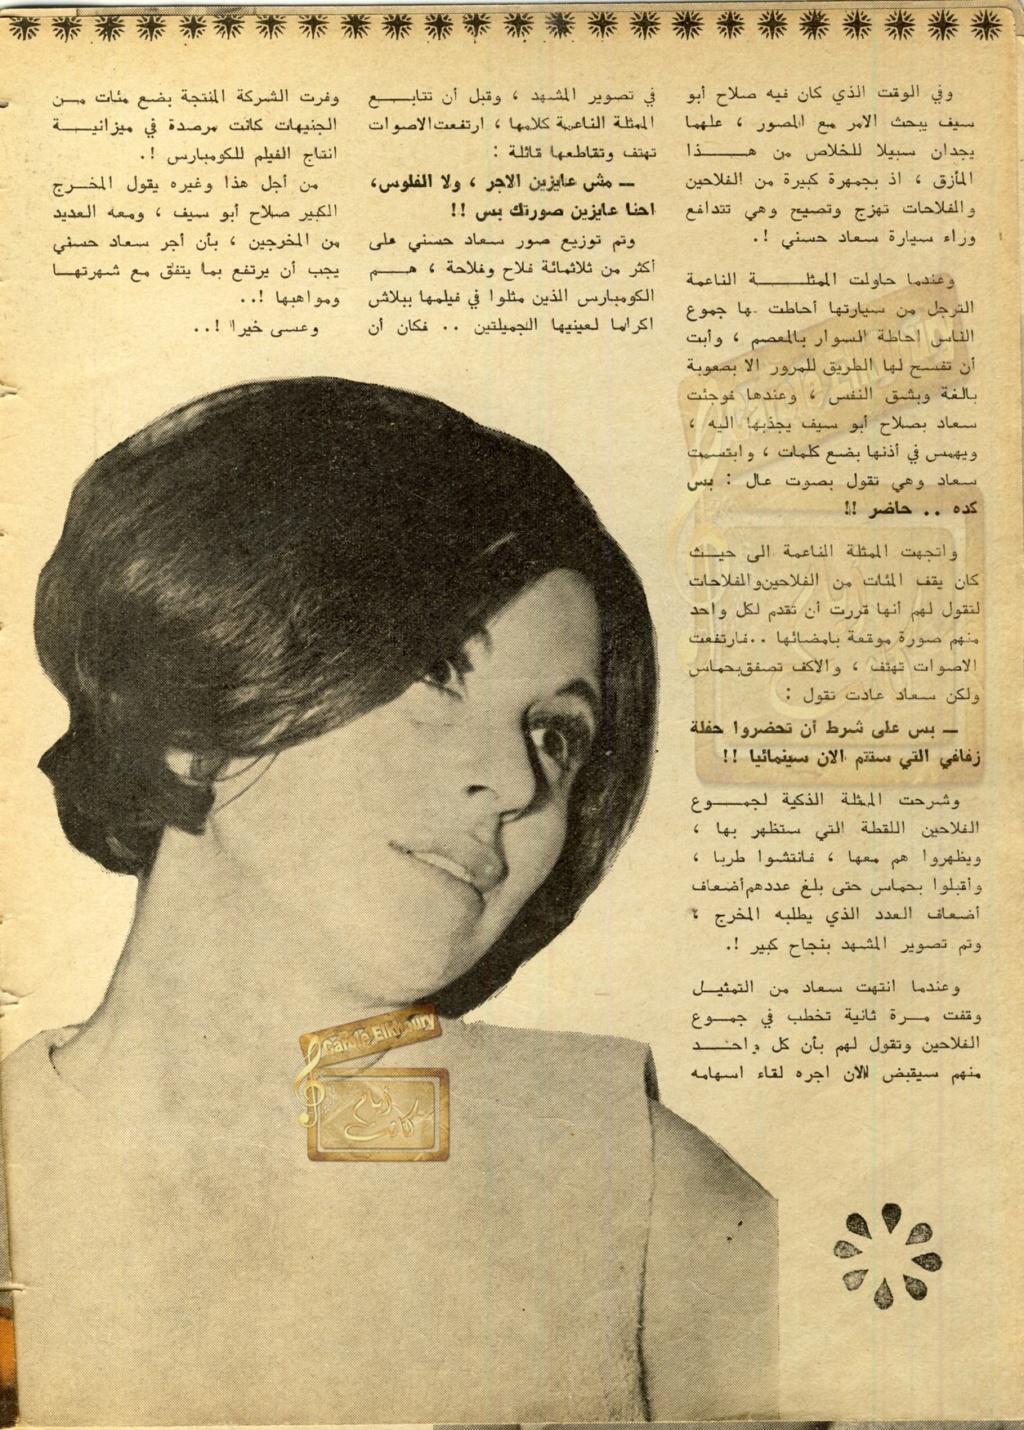 مقال - مقال صحفي : متطوعون يمثلون مجاناً قي أفلام سعاد حسني .. اكراماً لعينيها الجميلتين ! 1967 م 429